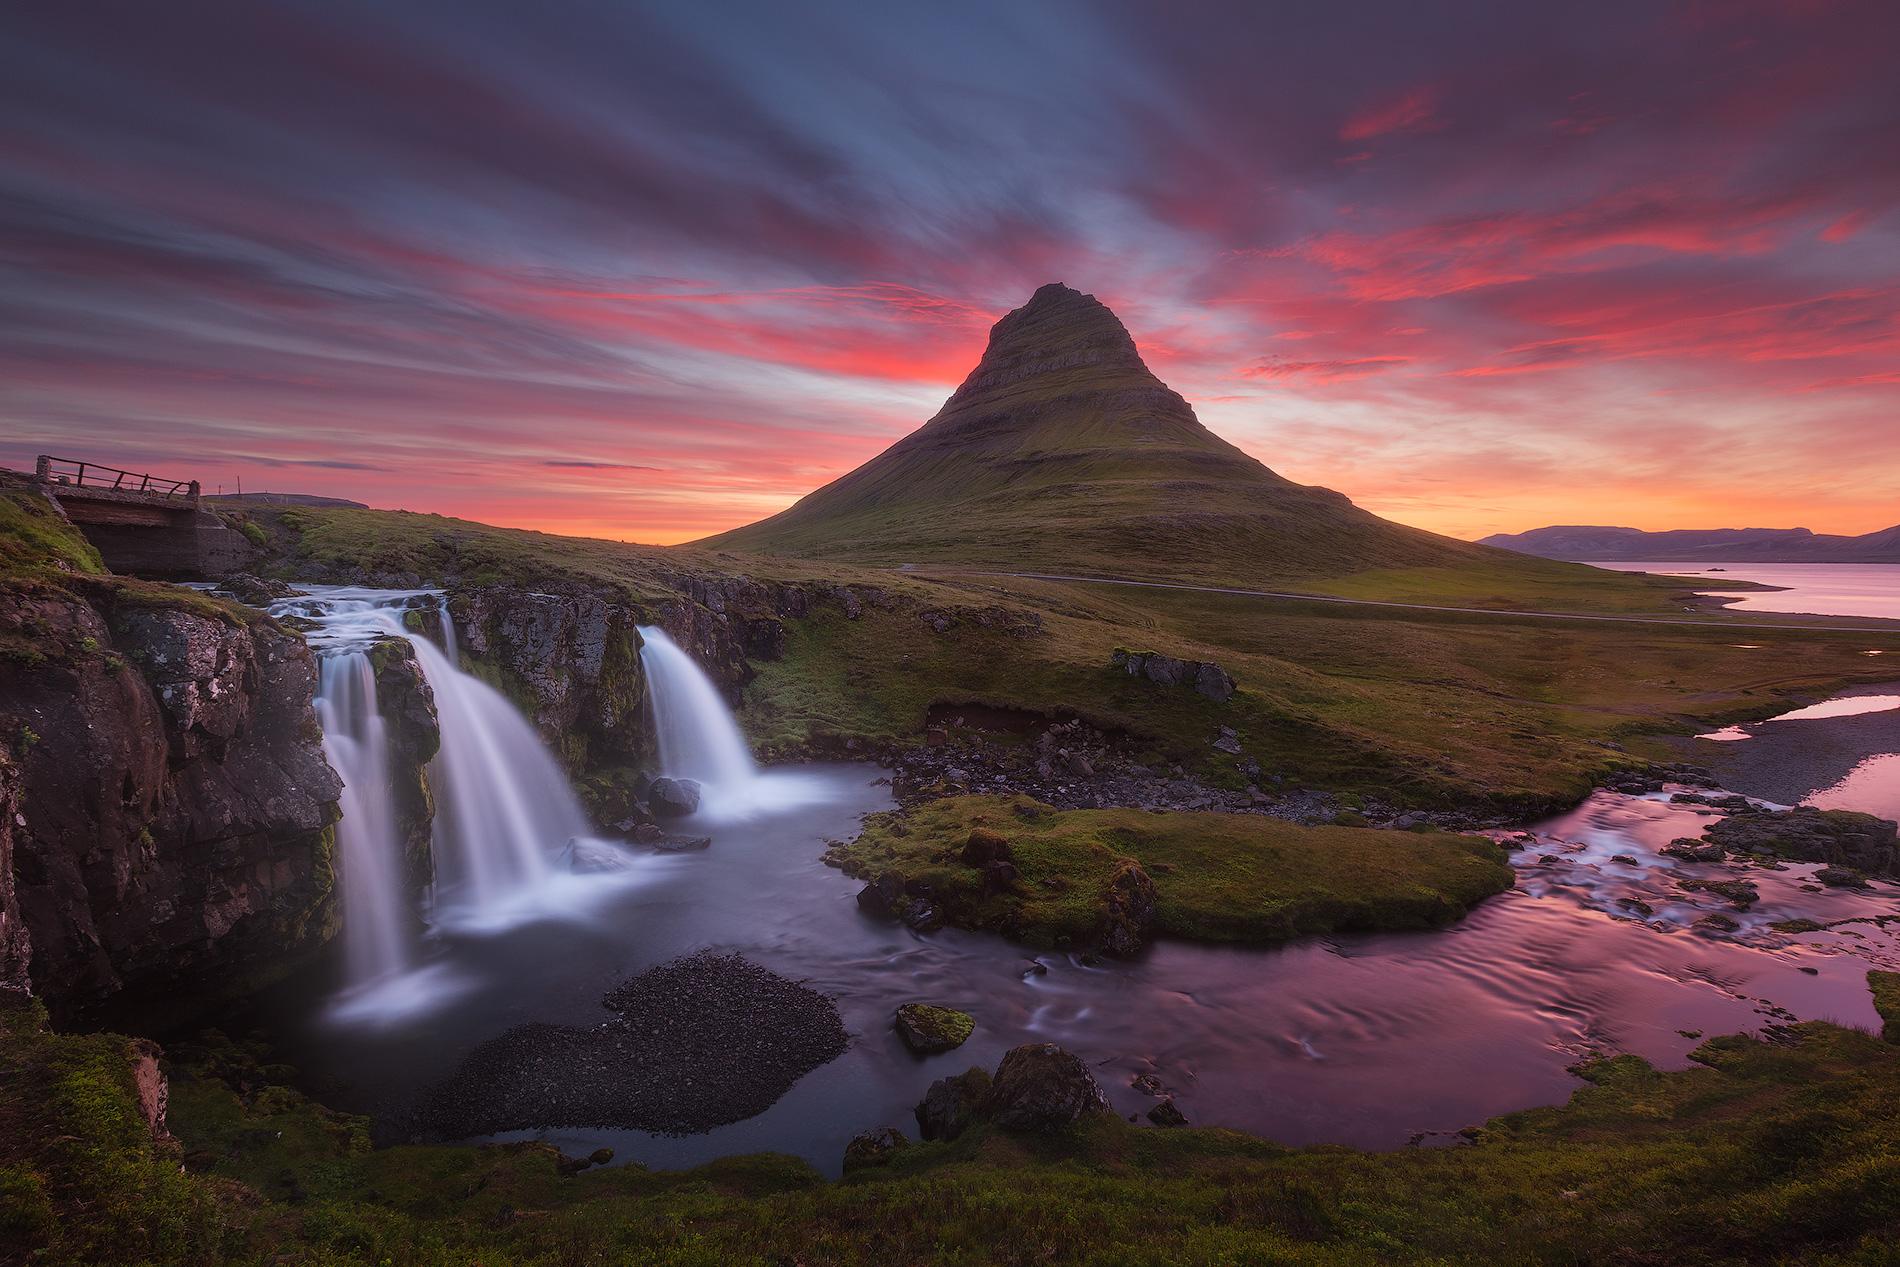 教会山是冰岛最受摄影师欢迎的景点之一